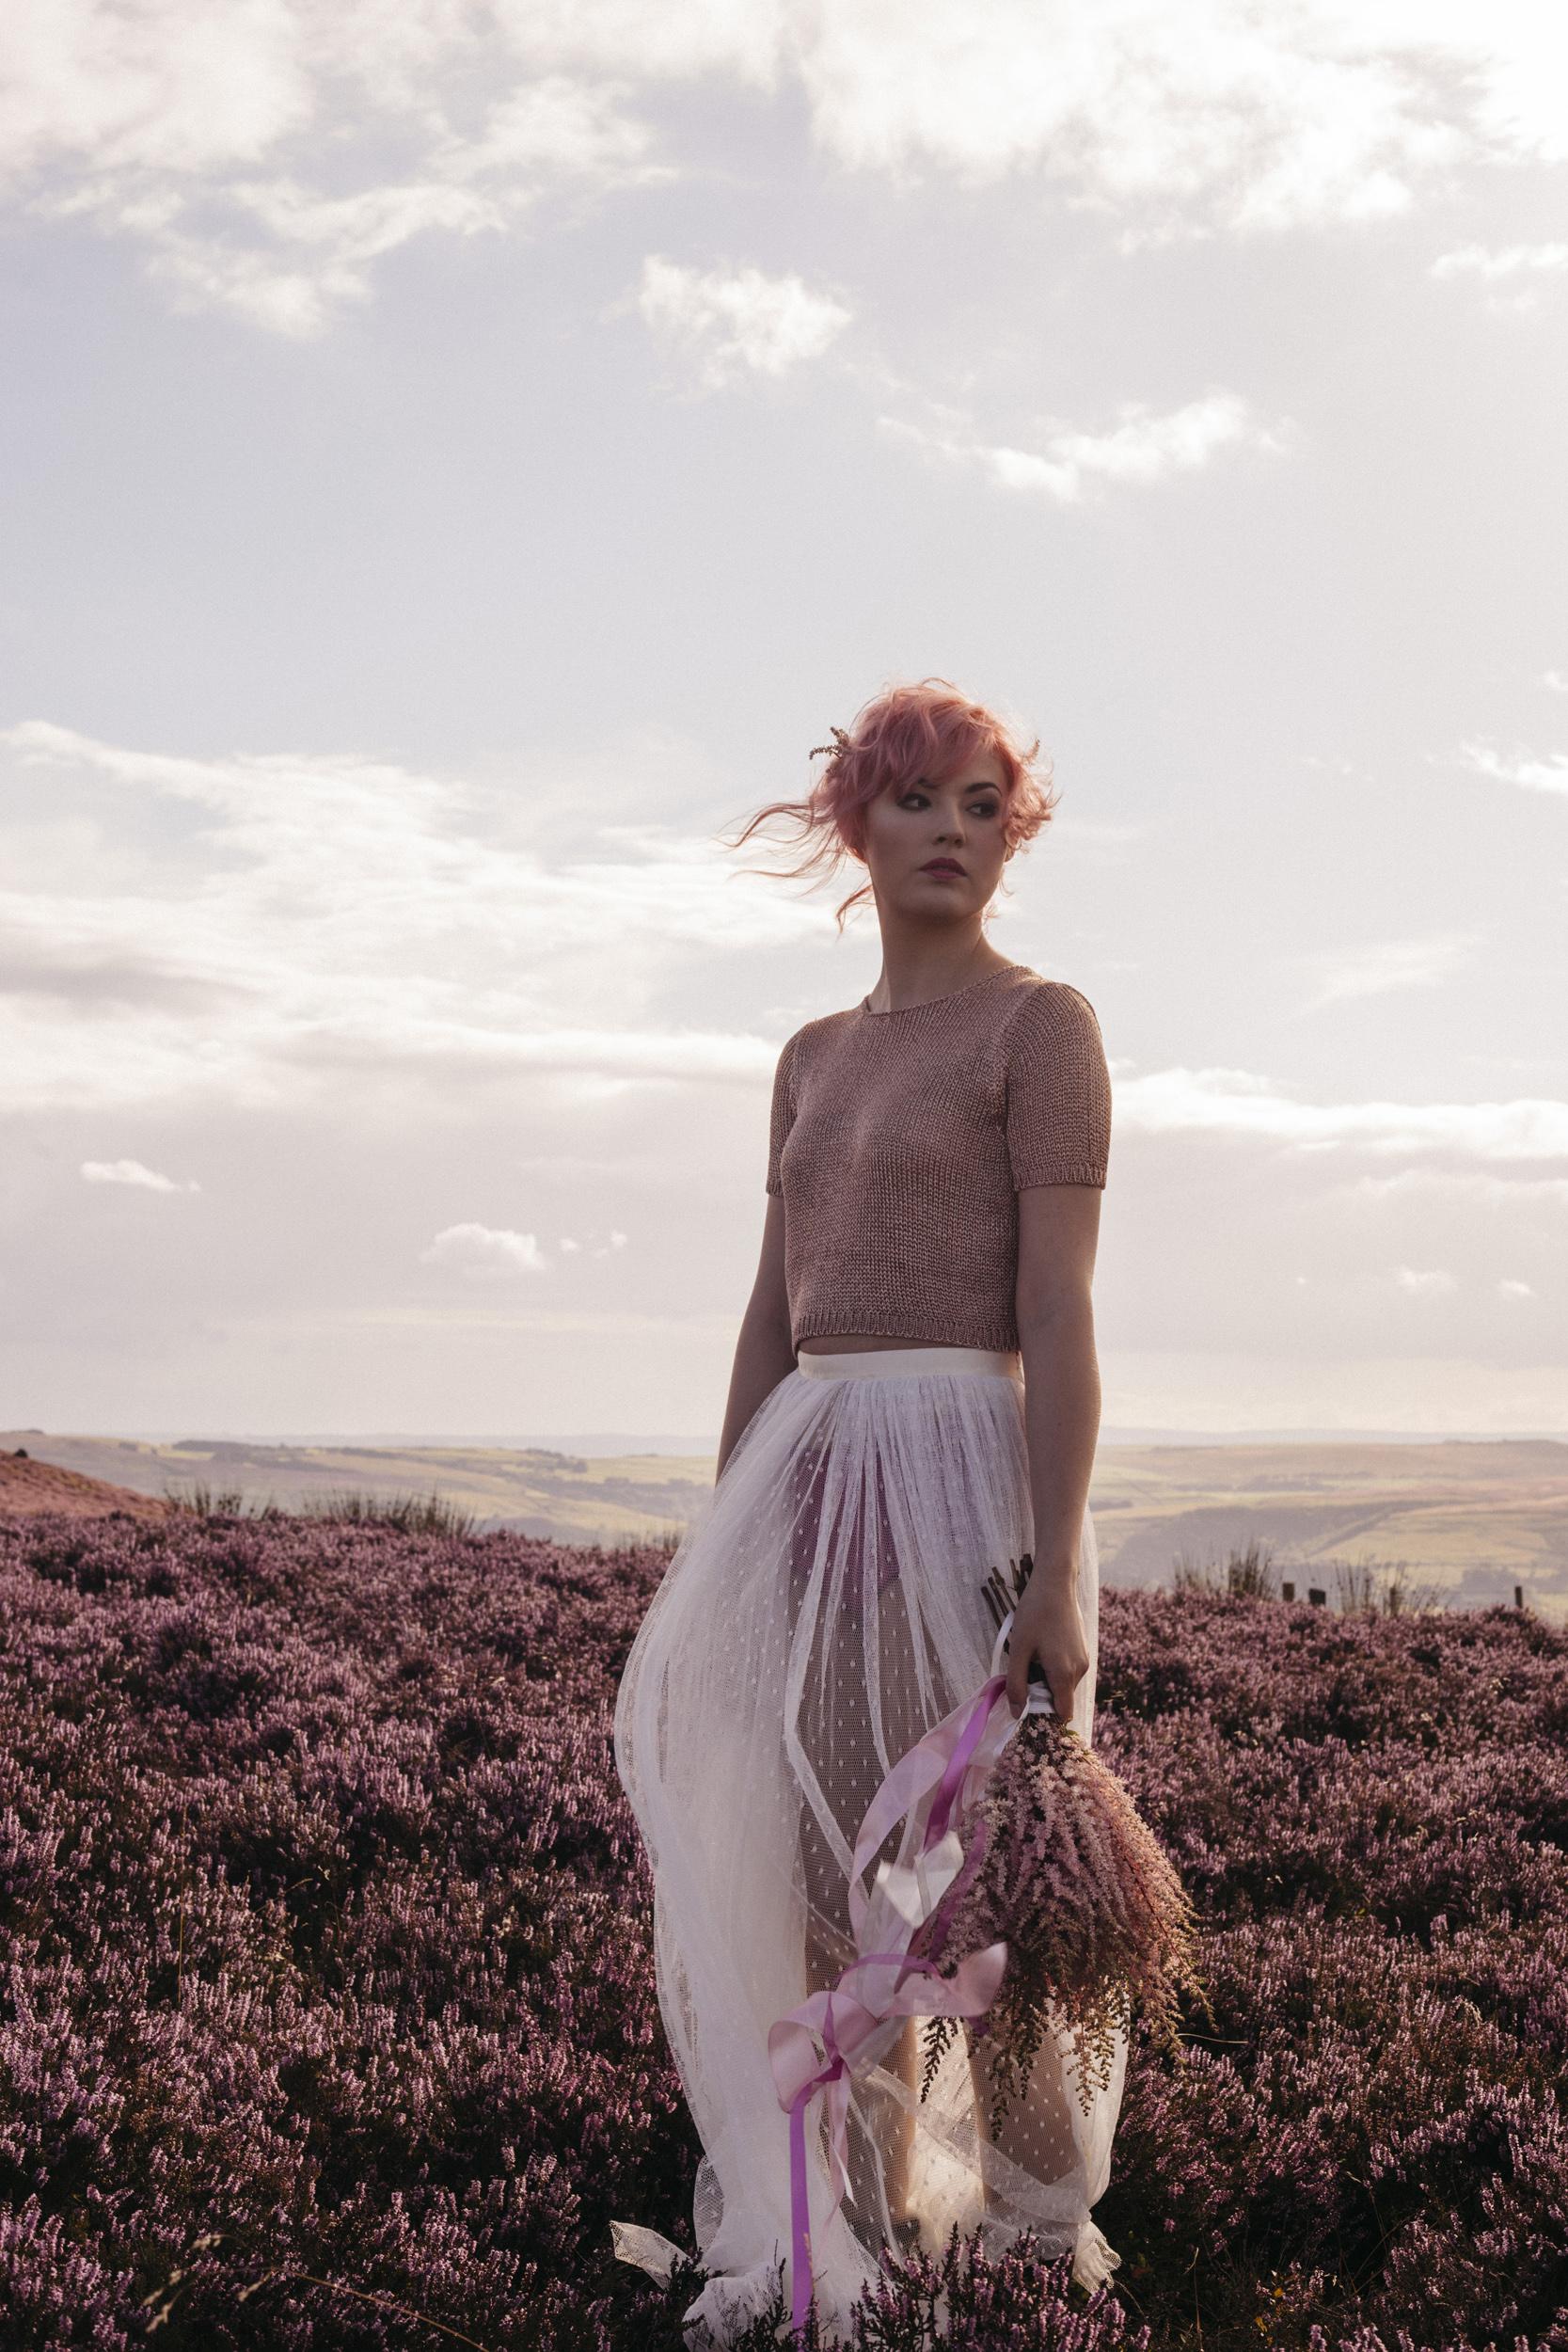 Summer-Haze-Shelley-Richmond-Kate-Beaumont-Sheffield-2.jpg